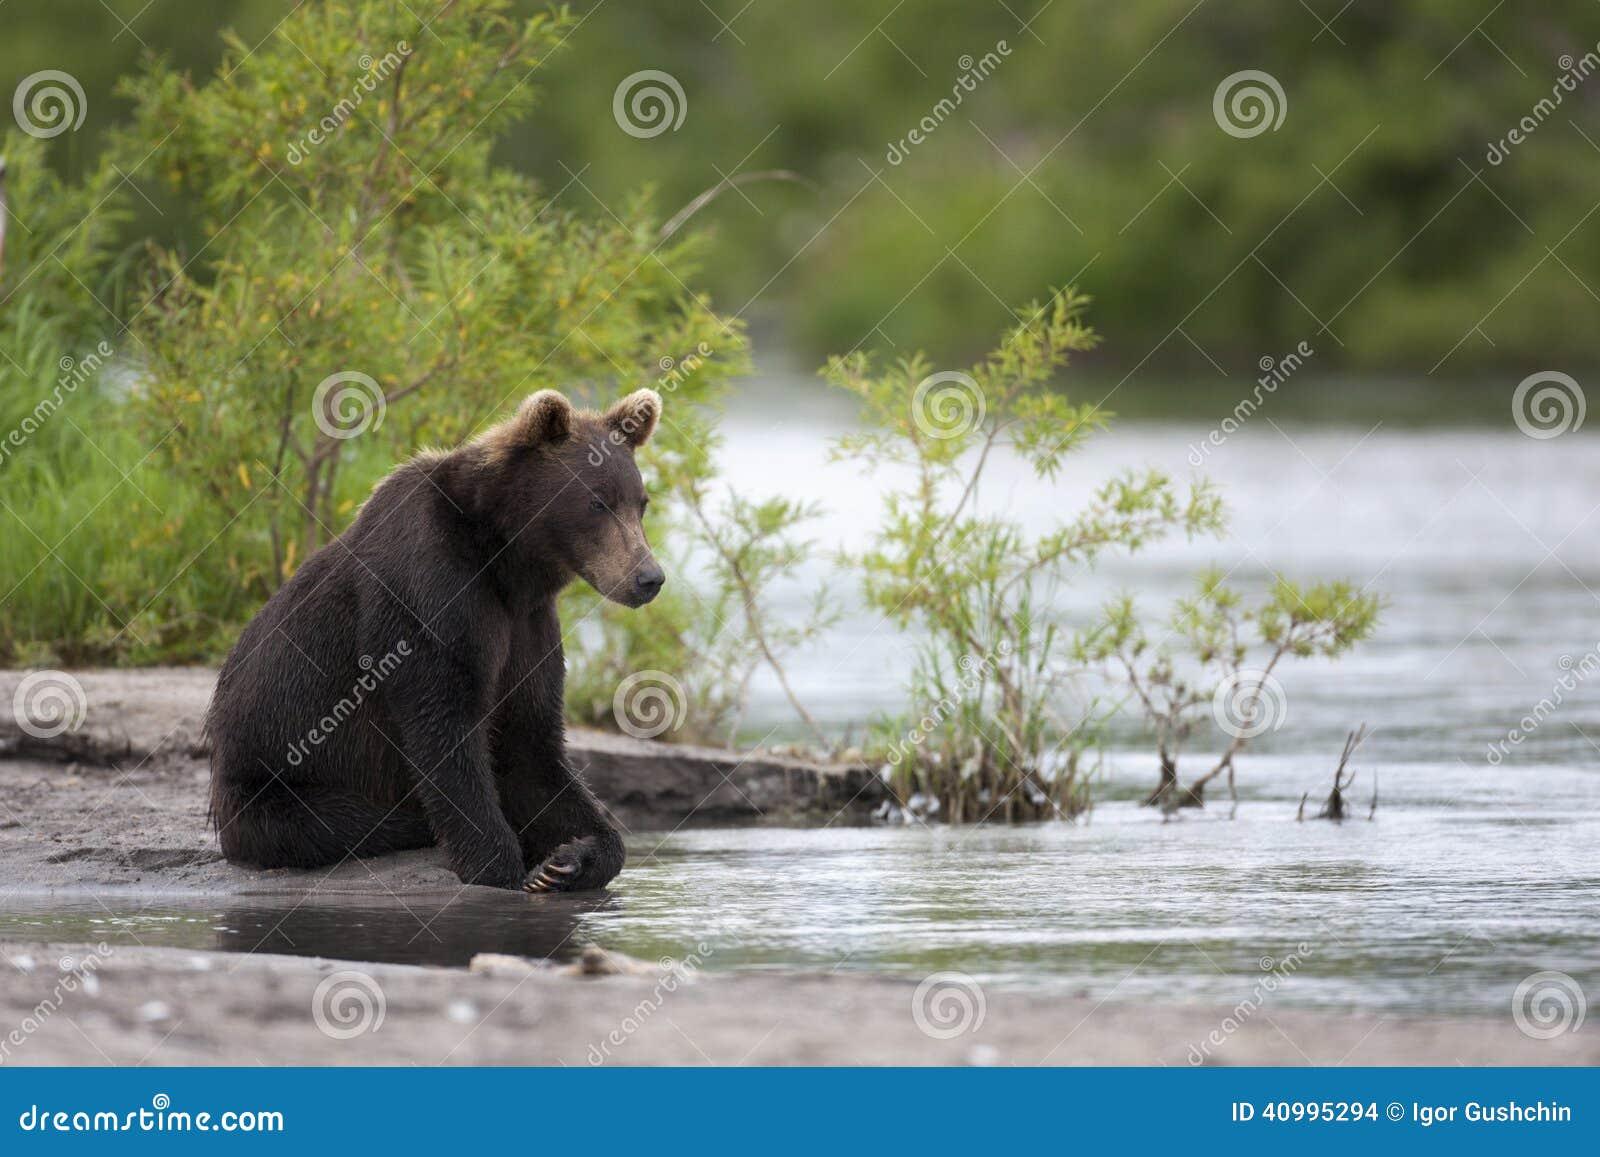 Bruin draag zit op de rivierbank